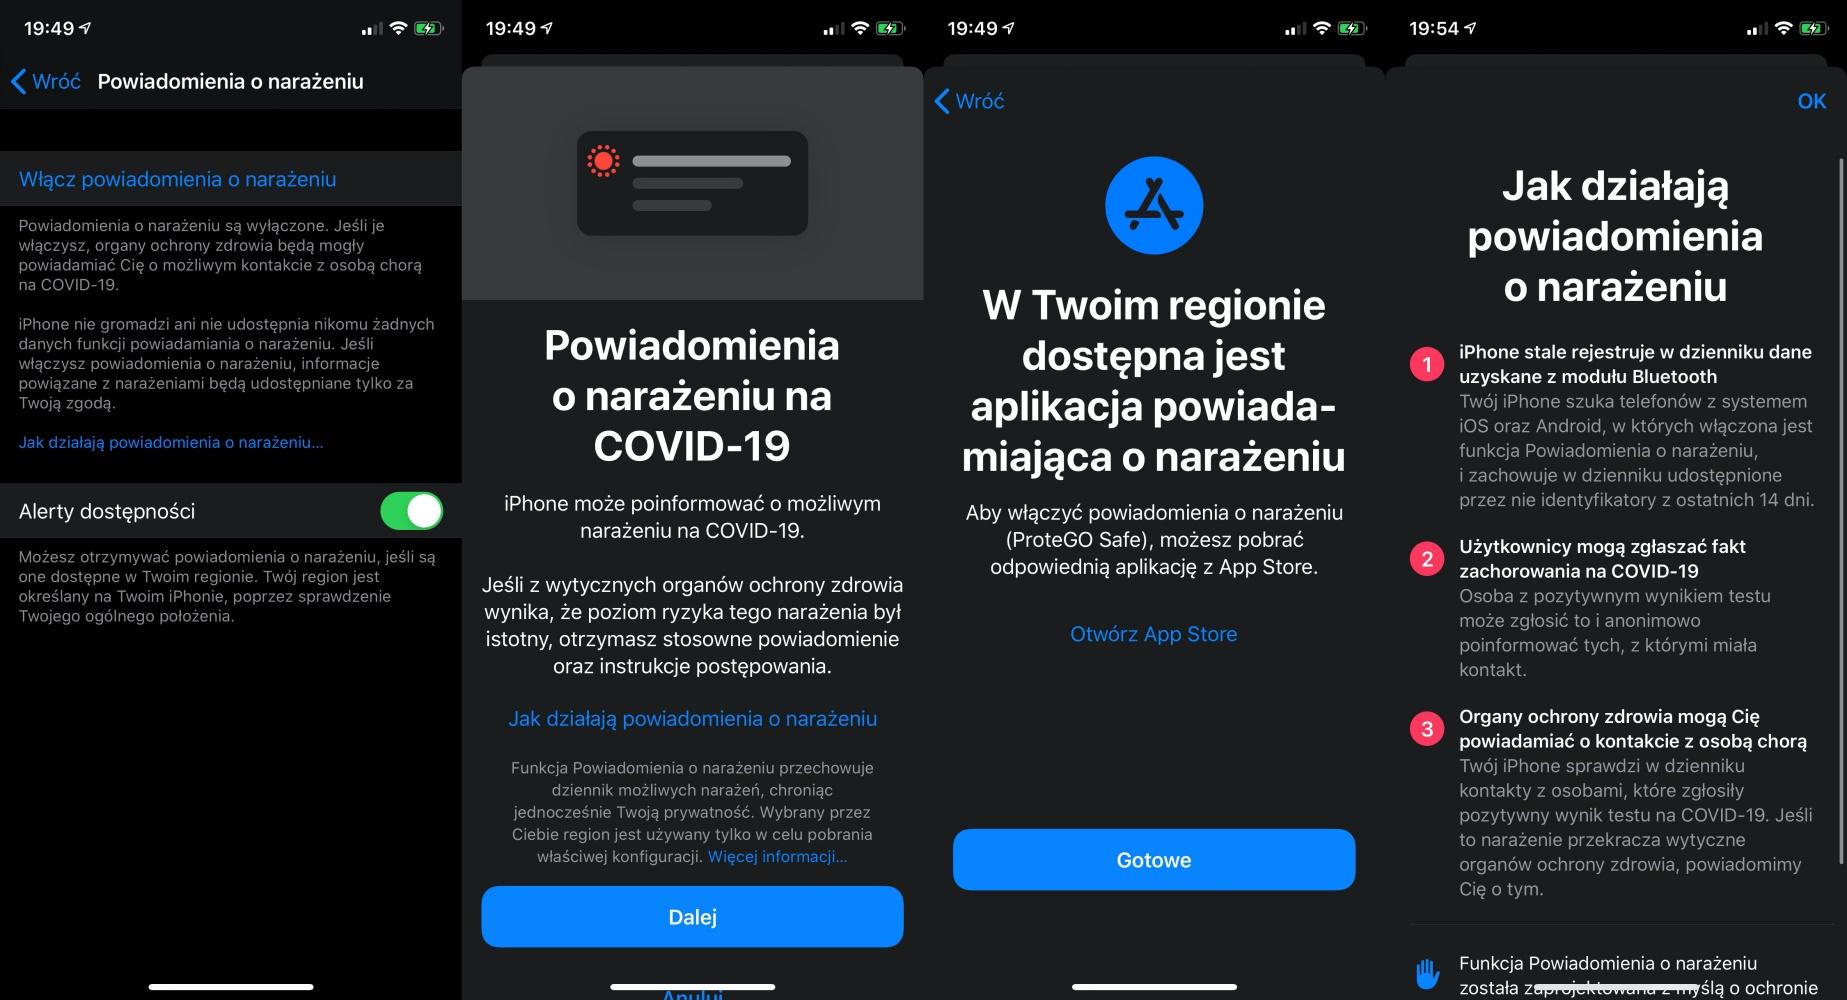 iOS 13.7 już dostępny. Powiadomienia ostrzegające przed COVID-19 bez instalowania aplikacji